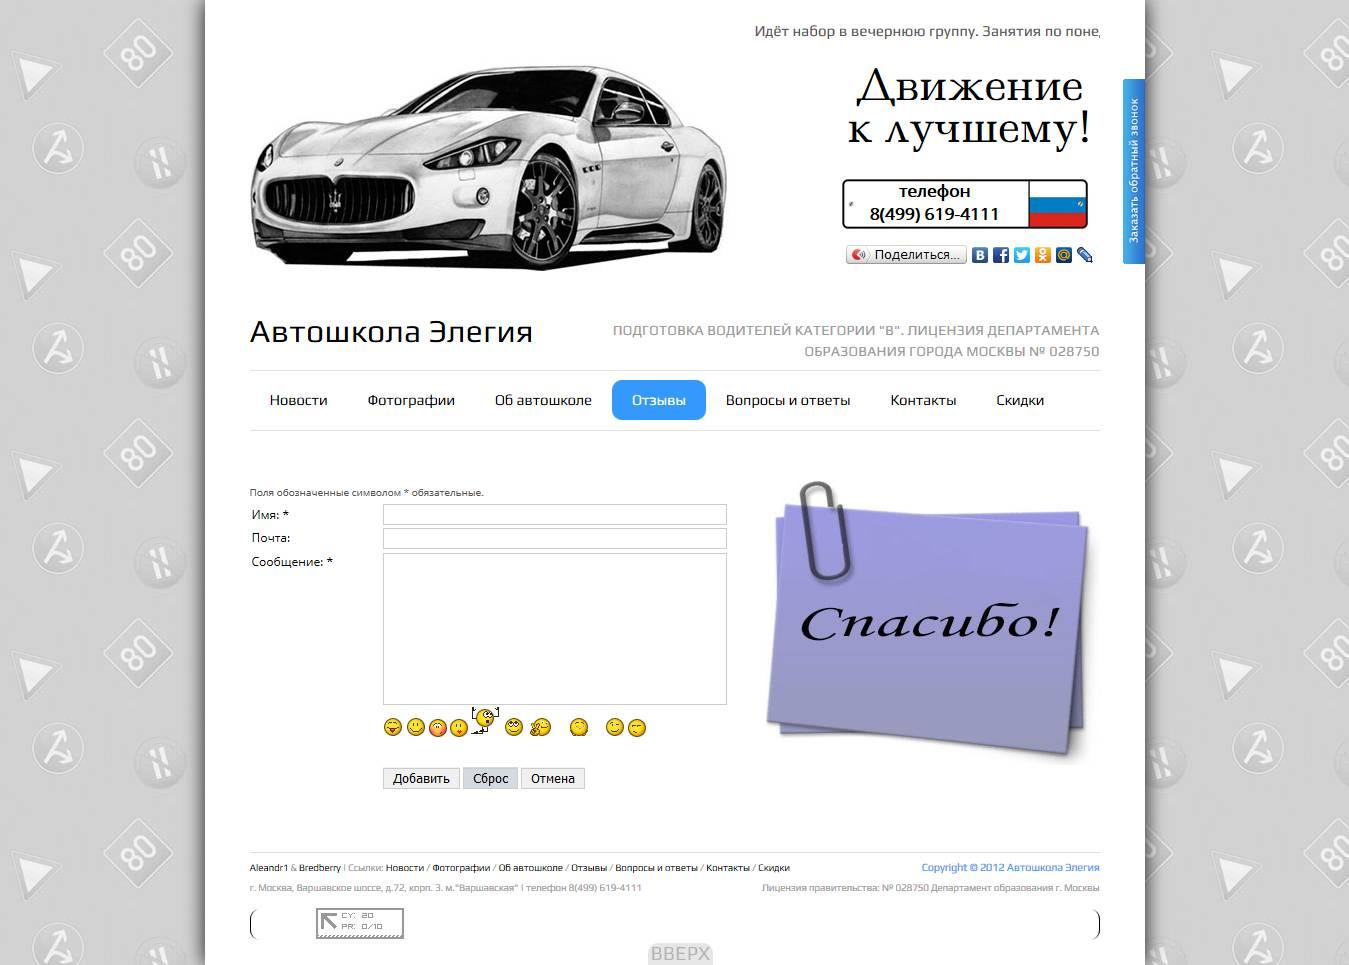 Пример сайта визитки - автошкола - оставить отзыв